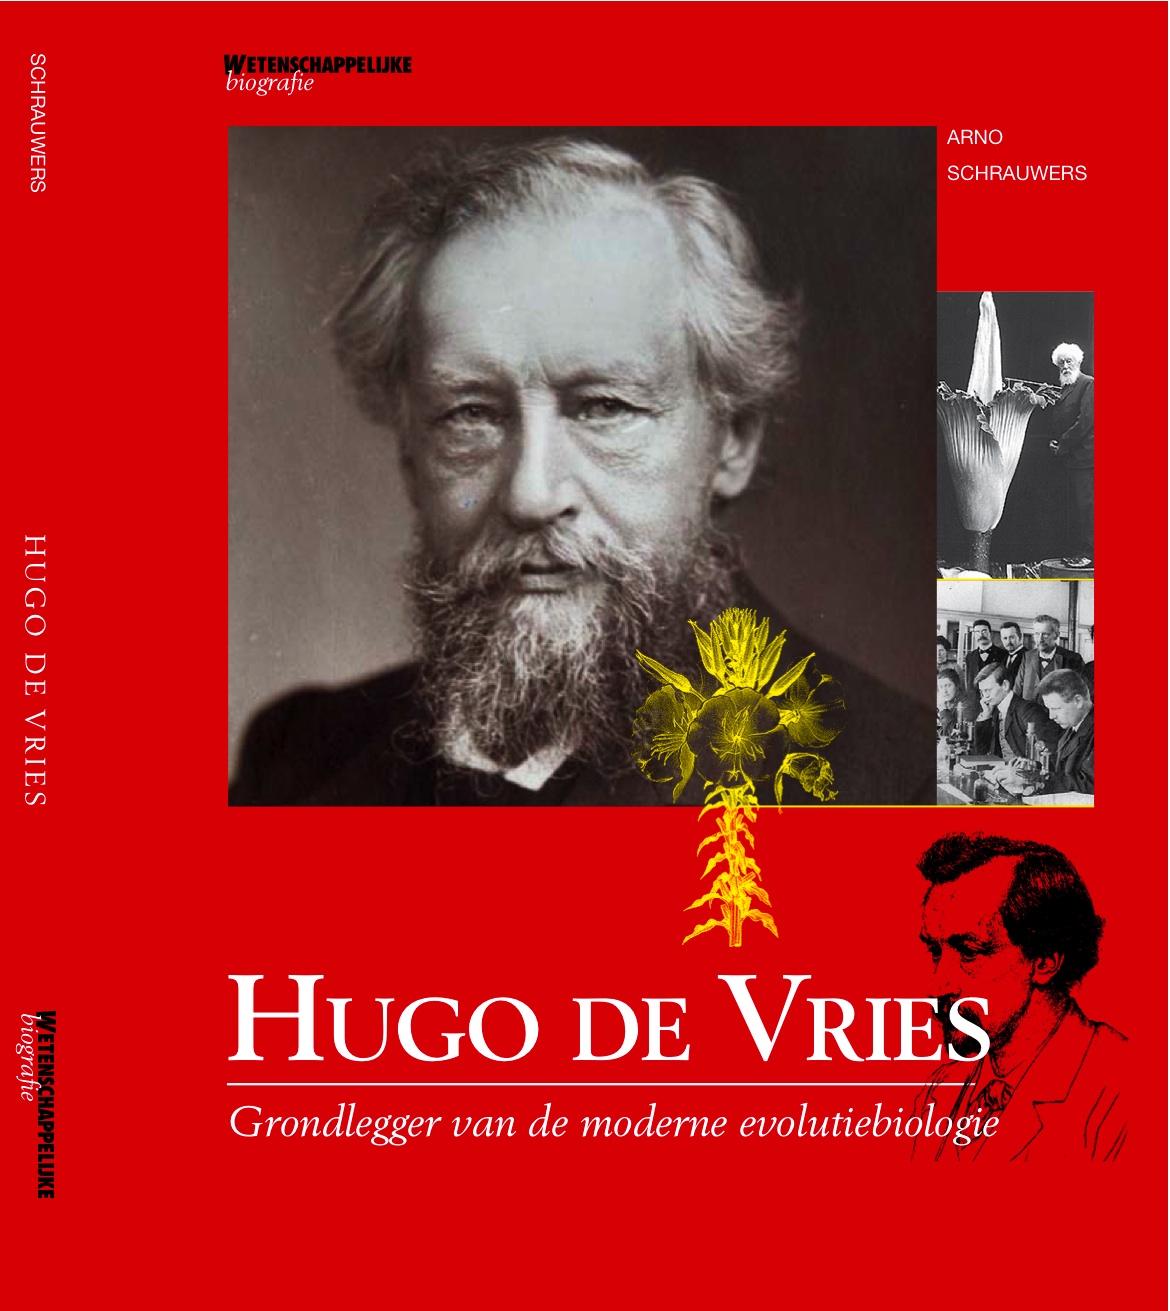 Biografie Hugo de Vries